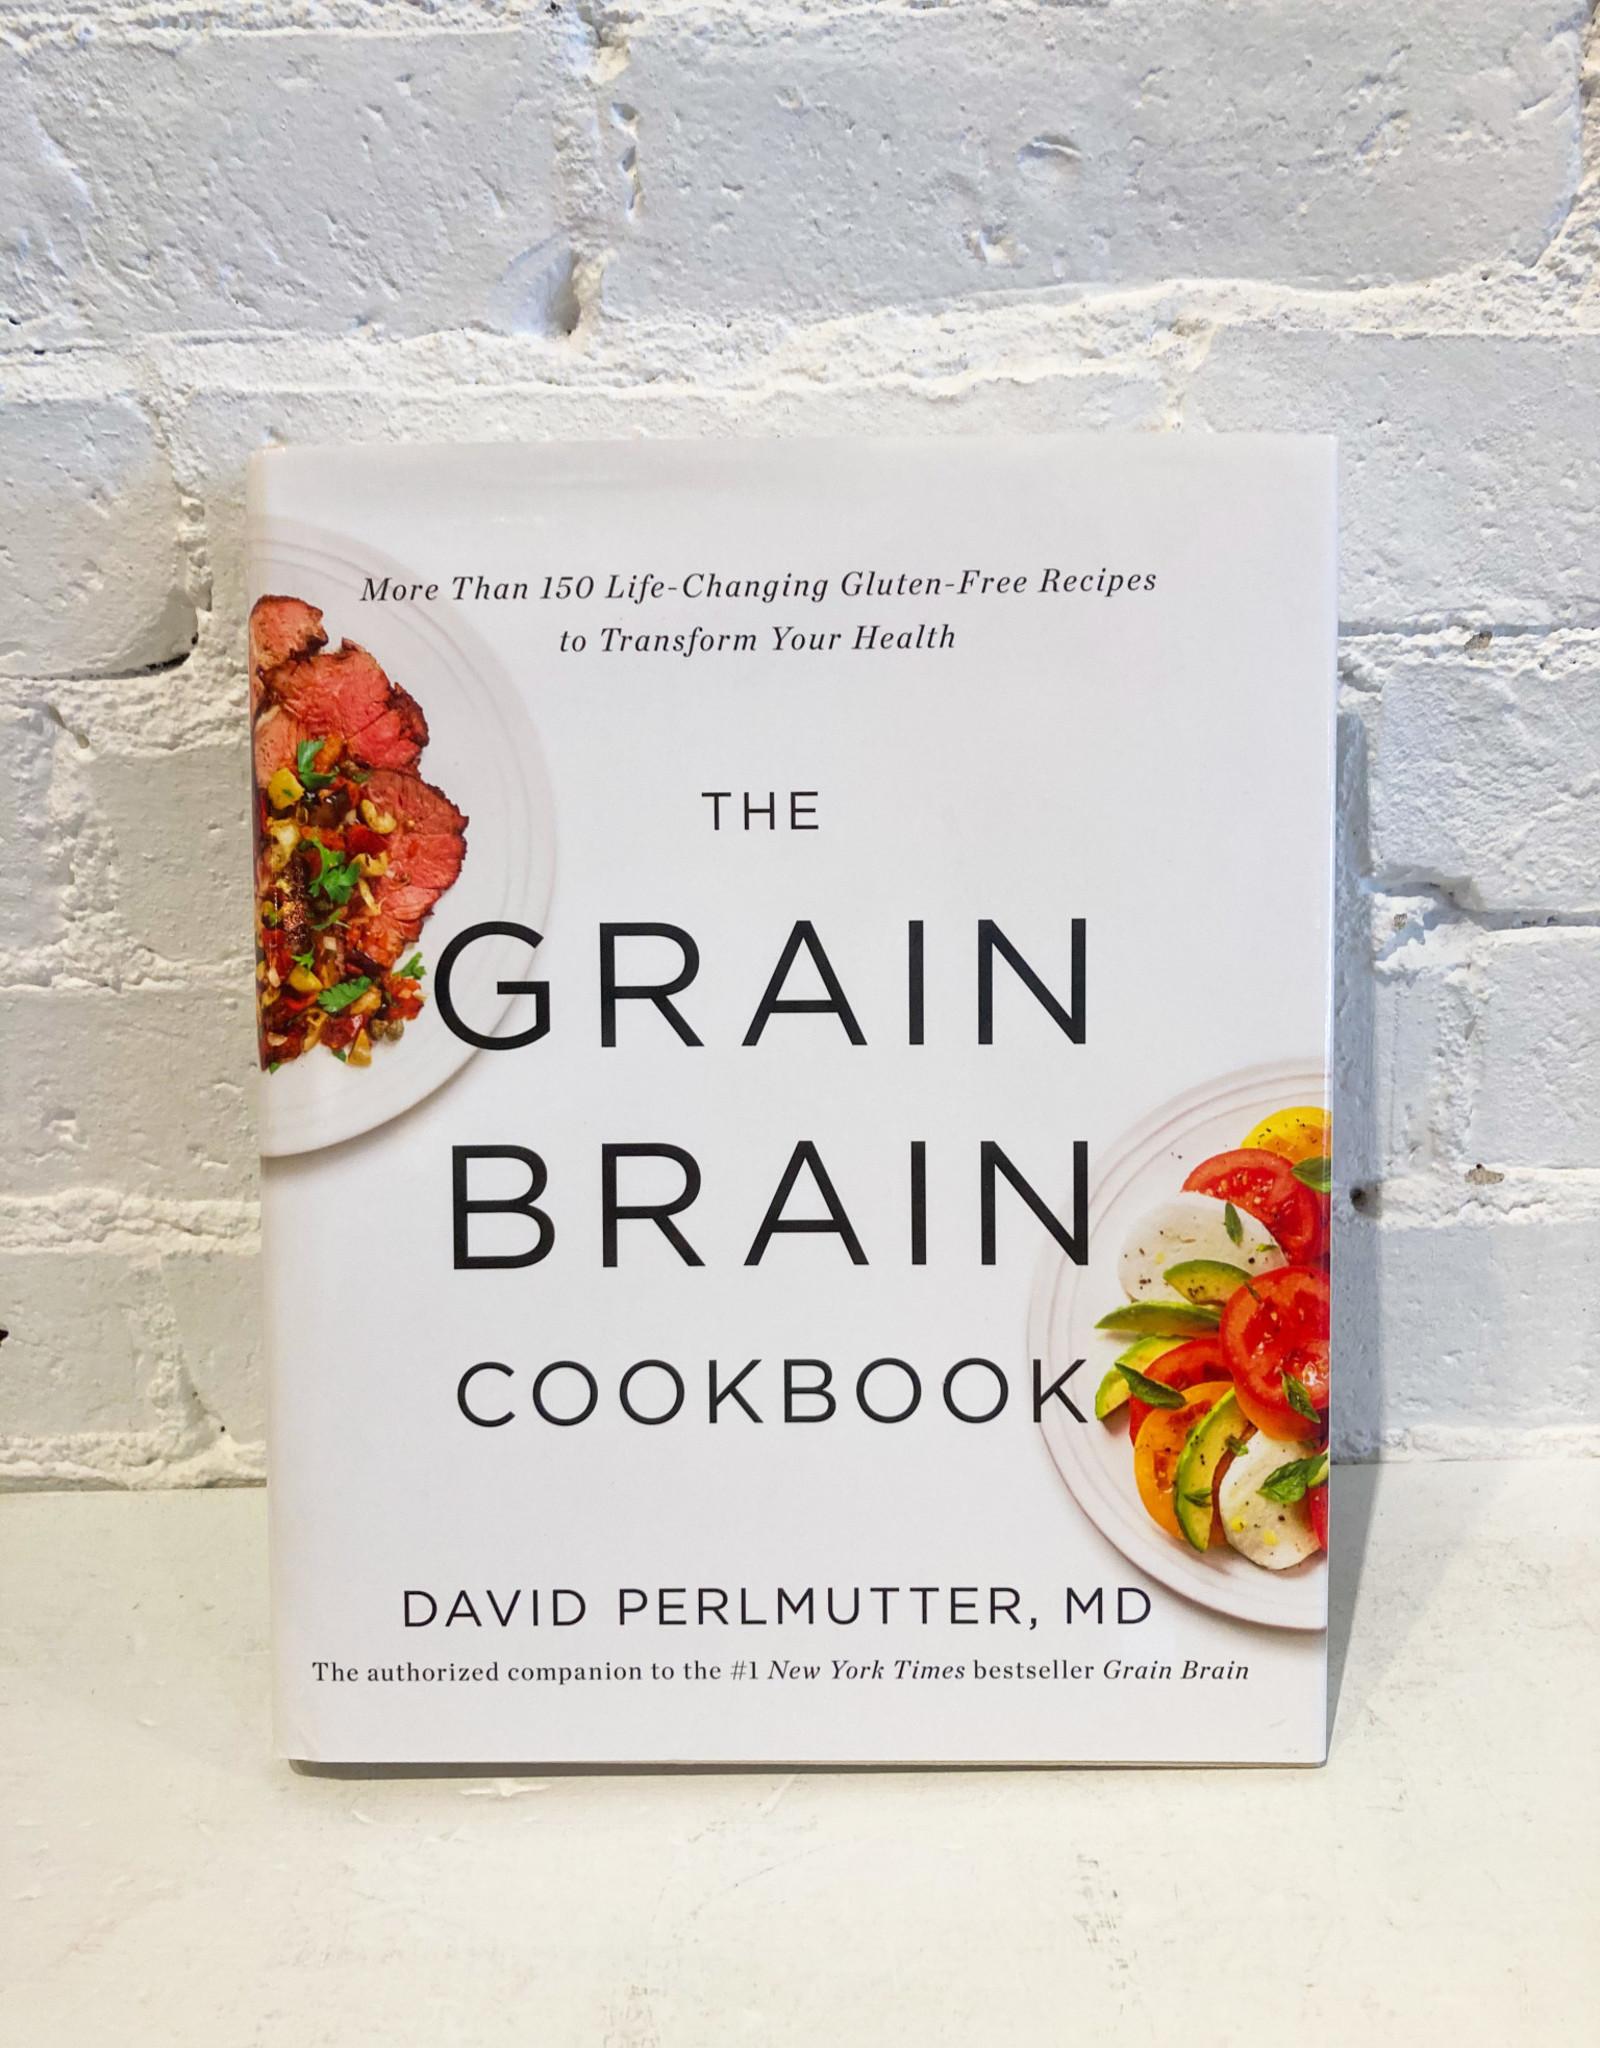 The Grain Brain Cookbook by David Perlmutter, MD